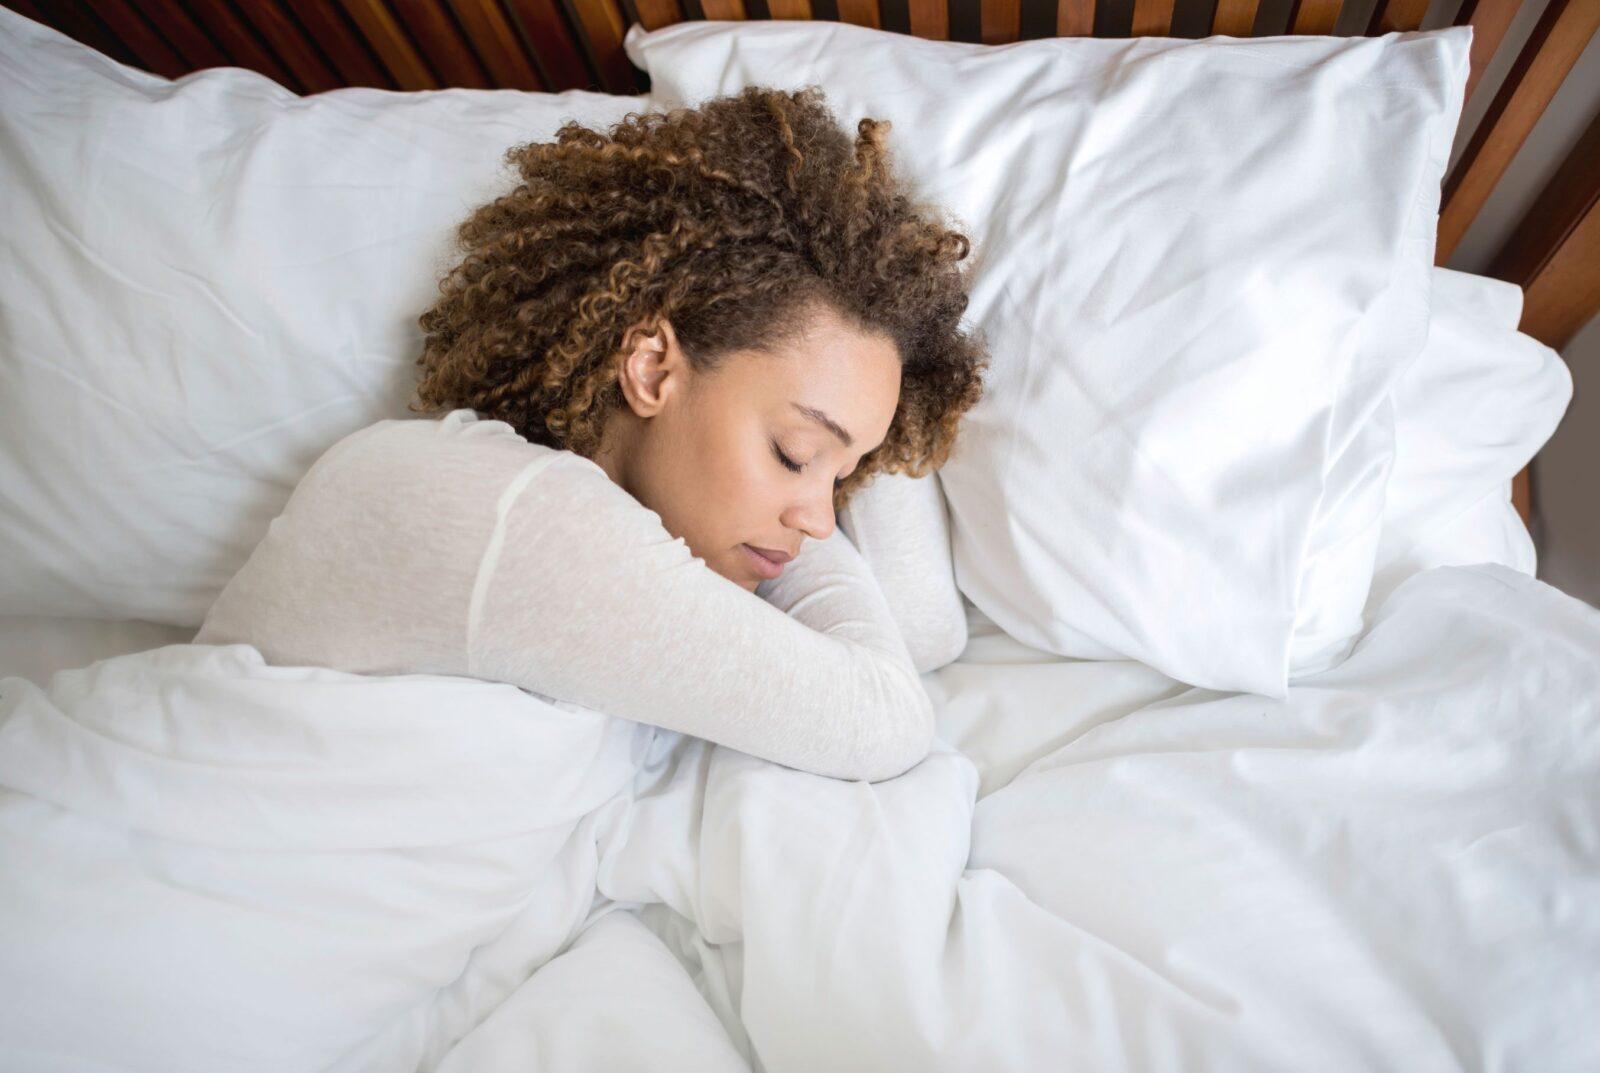 Get a better nights sleep.